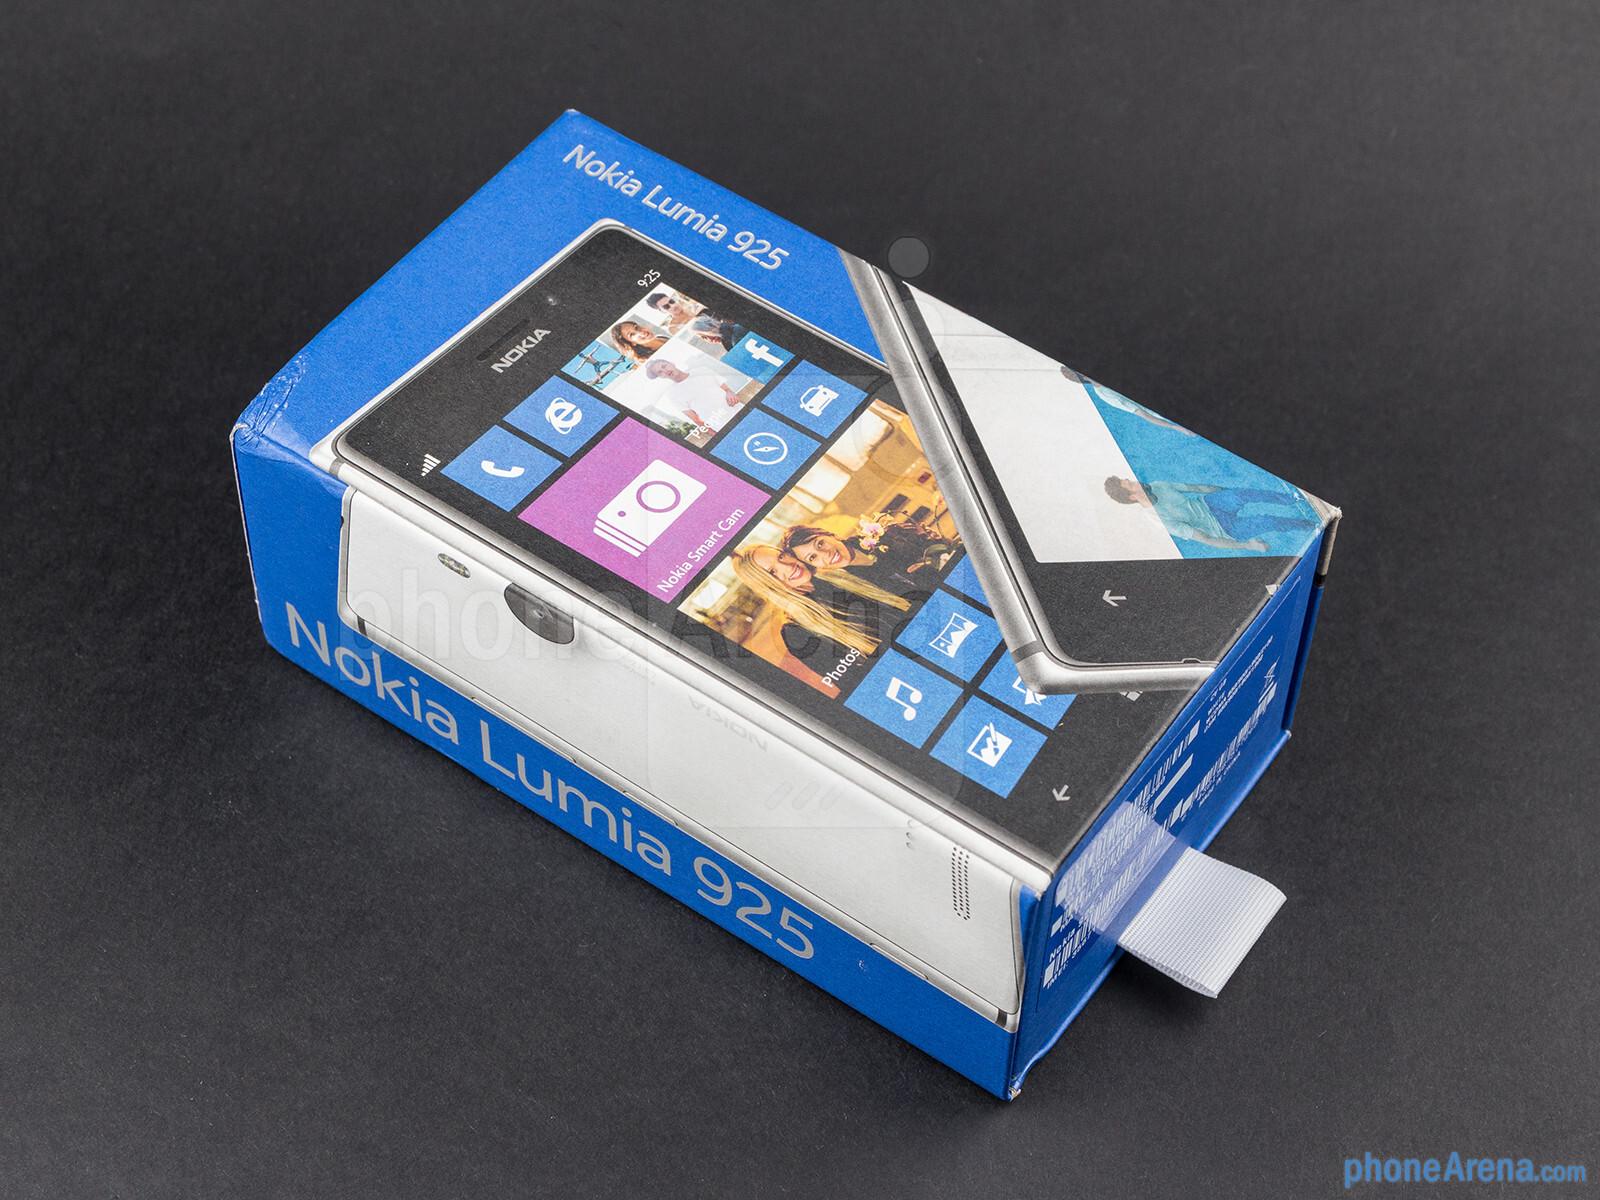 Nokia lumia 925 jpg - Nokia Lumia 925 Jpg 25